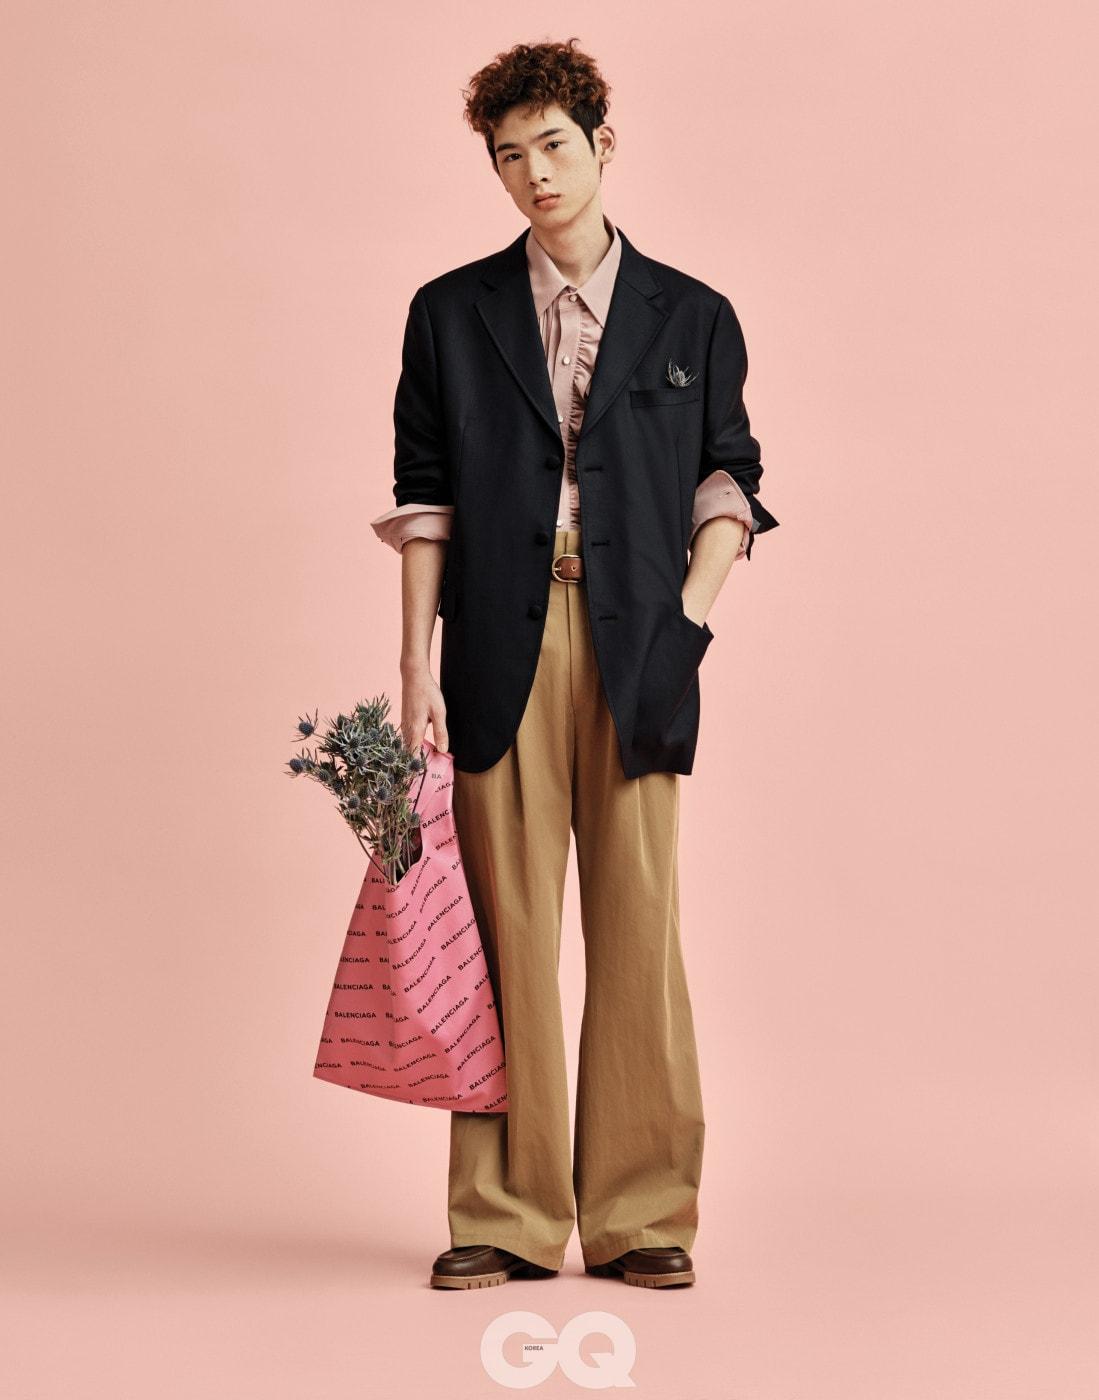 러플 셔츠, 오버사이즈 재킷, 와이드 팬츠 가격 미정, 모두 오디너리 피플. 가죽 벨트 가격 미정, 폴로 랄프 로렌. 핑크 쇼퍼 백 가격 미정, 발렌시아가. 샌들형 로퍼 1백9만원, 펜디.